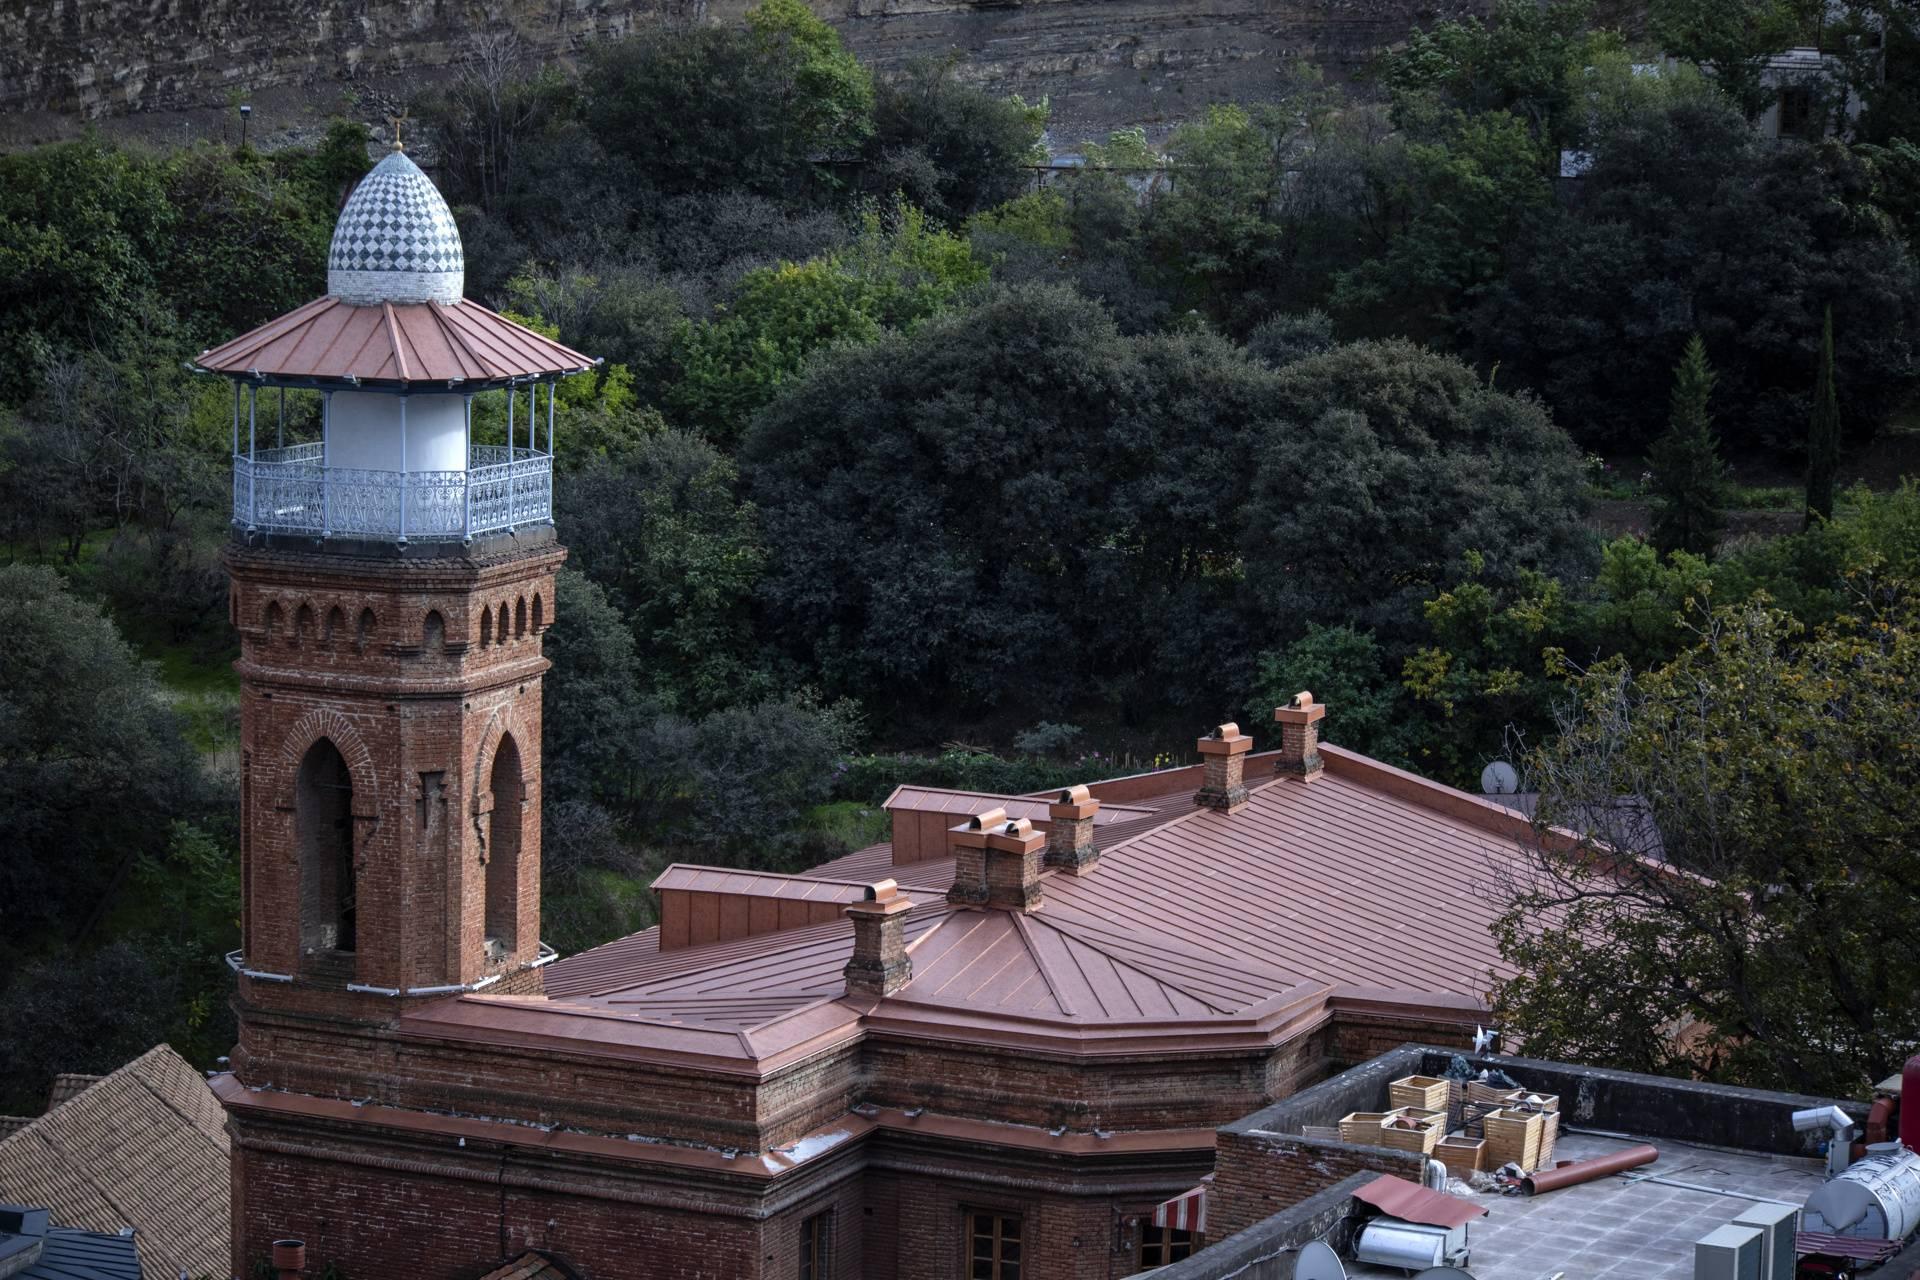 jomeh mosque